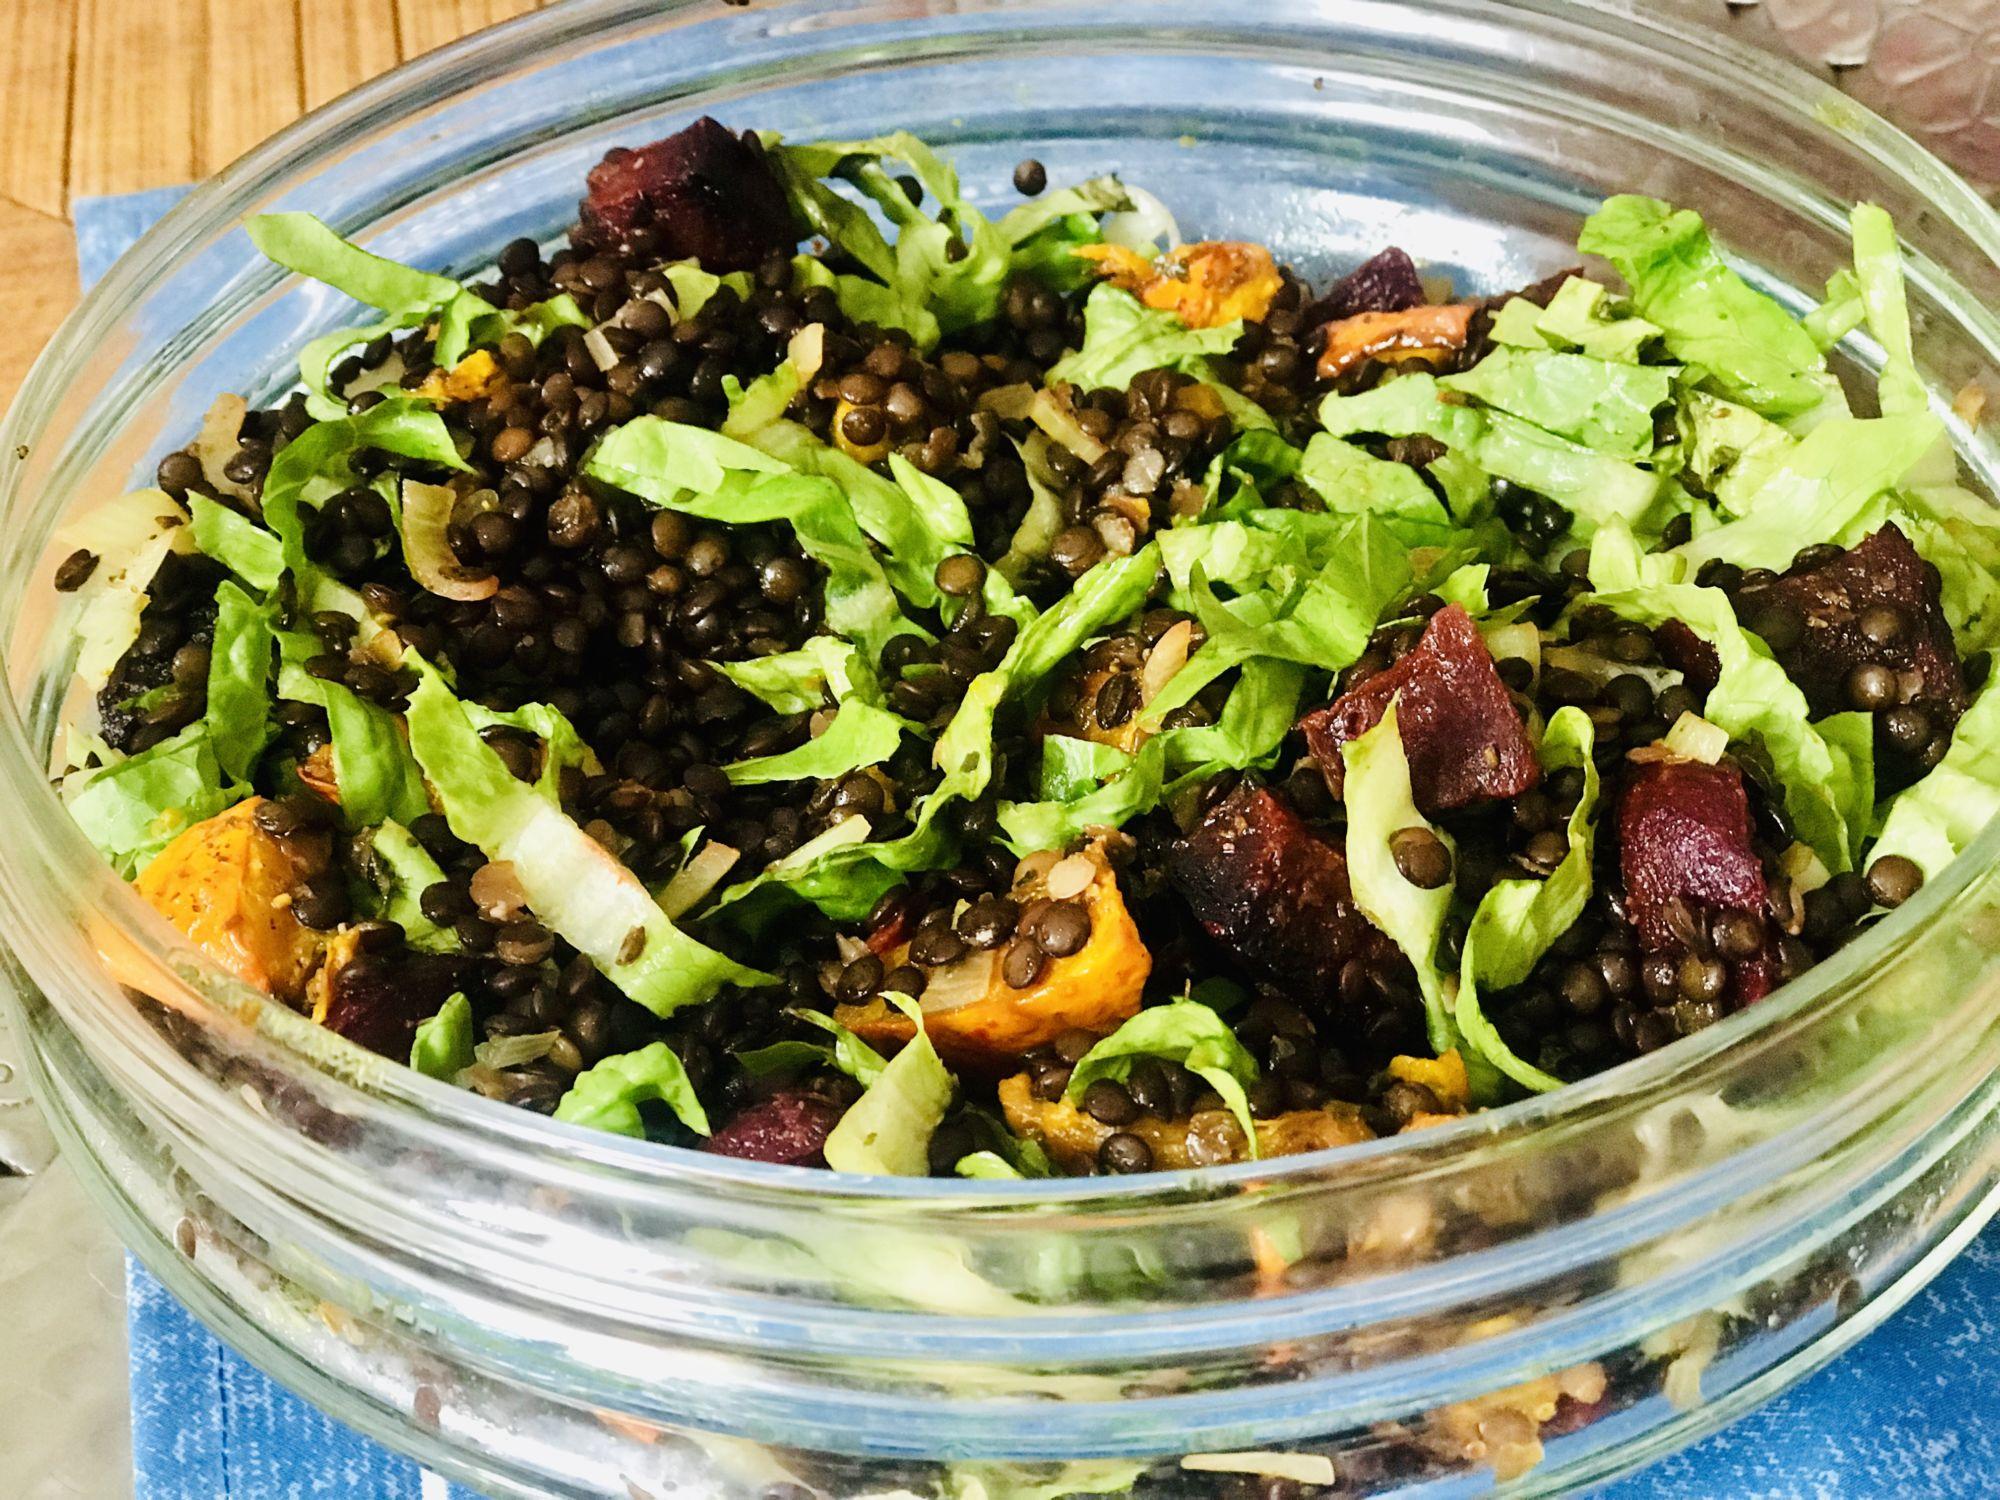 Teplý čočkový salát spečenou zeleninou - jak zhubnout vmenopauze